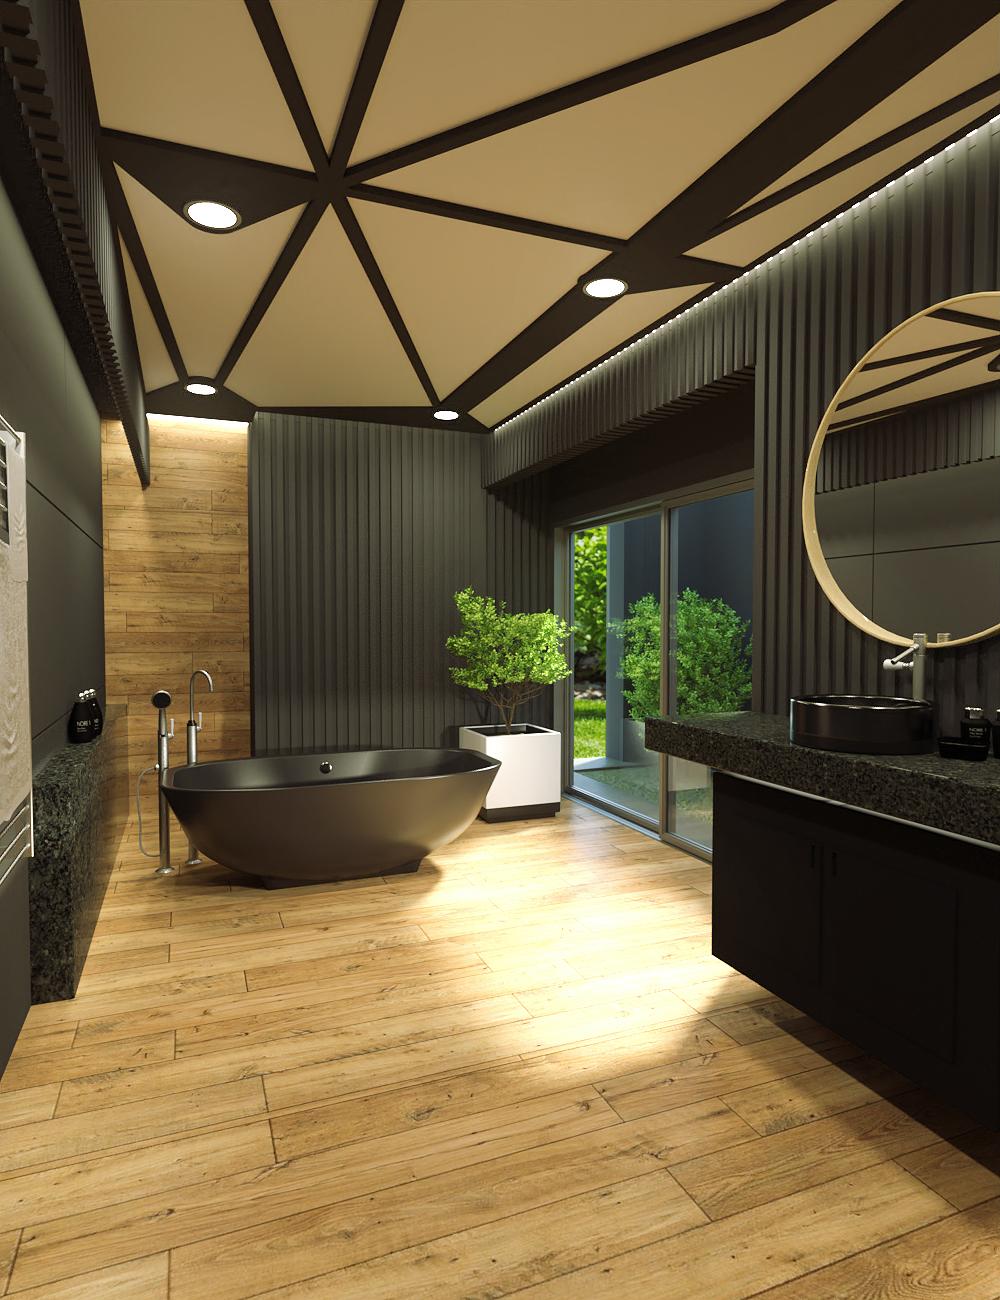 Scandinavian Bathroom by: kubramatic, 3D Models by Daz 3D